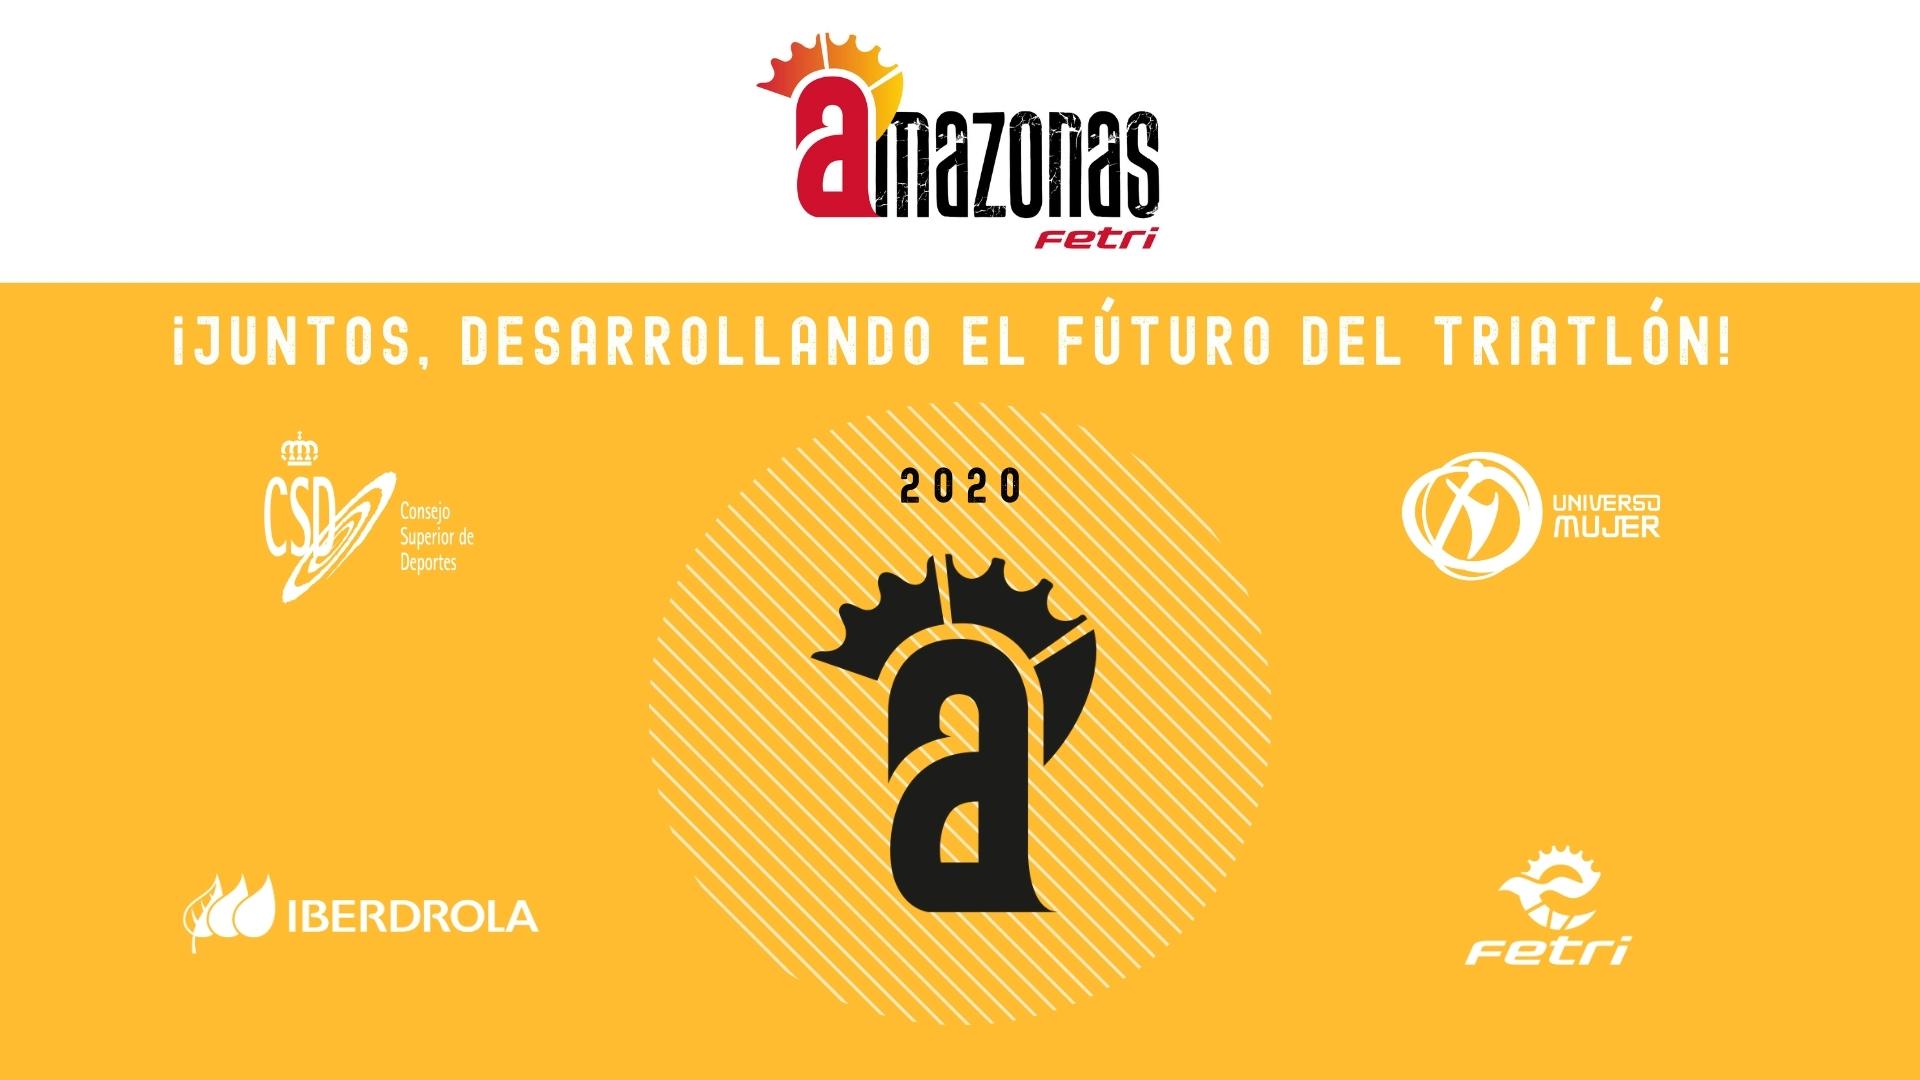 Arranca el Programa Amazonas 2020 de la FETRI, desarrollado junto a sus FF.AA. y al Programa Universo Mujer II